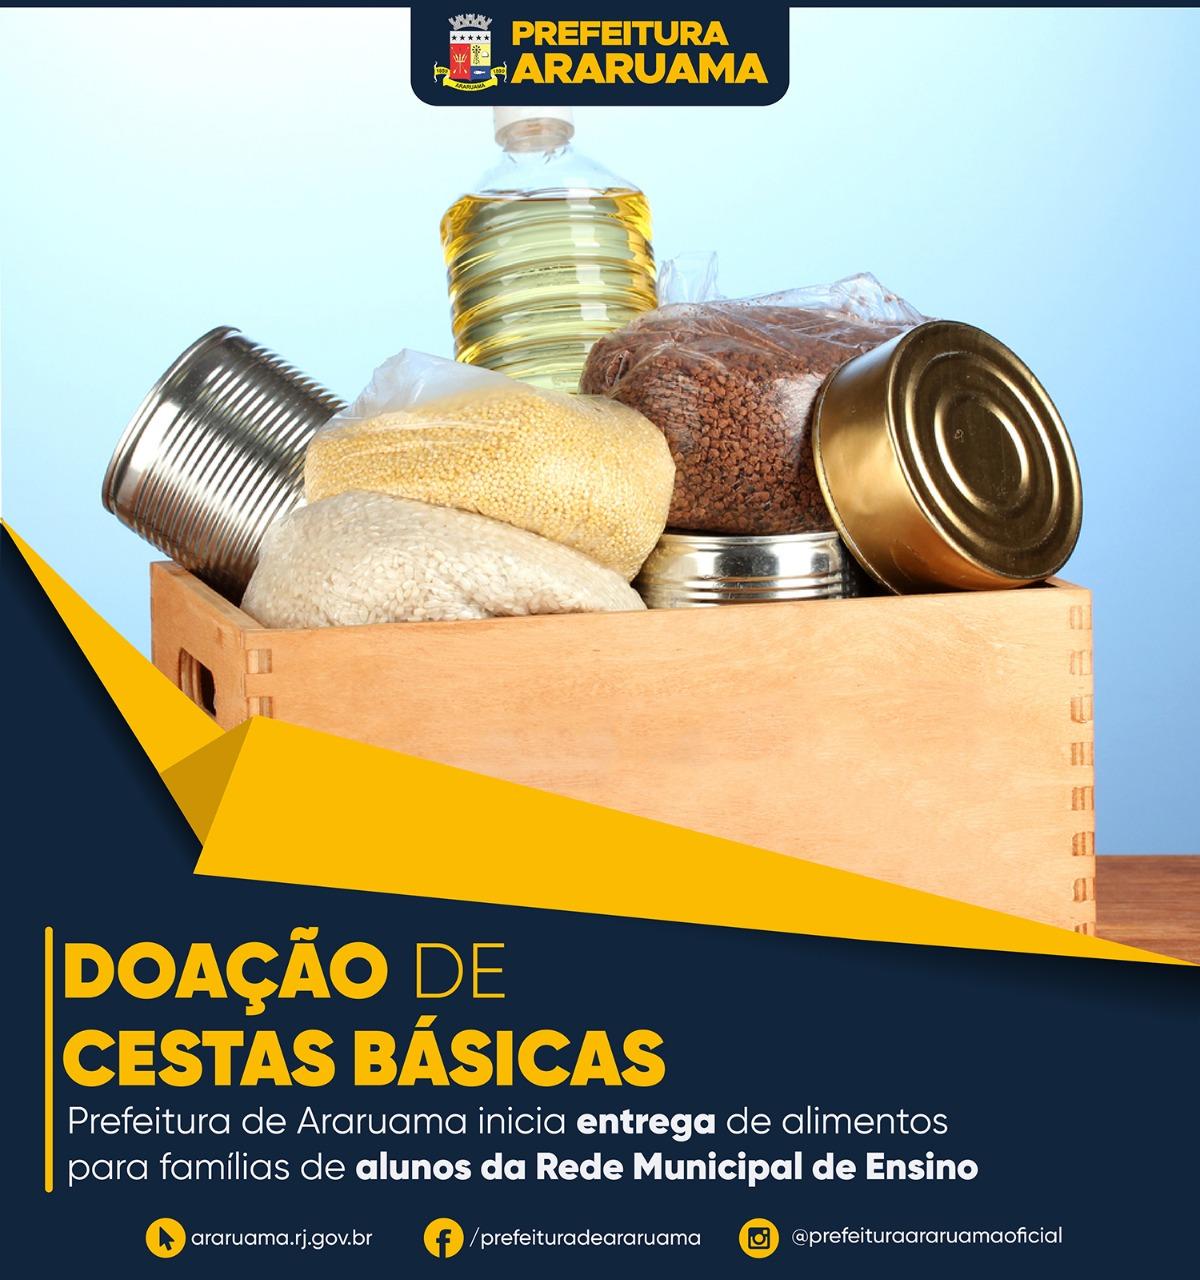 Prefeitura de Araruama informa nova lista de escolas municipais para entrega de cestas básicas às famílias de alunos da Rede Municipal de Ensino